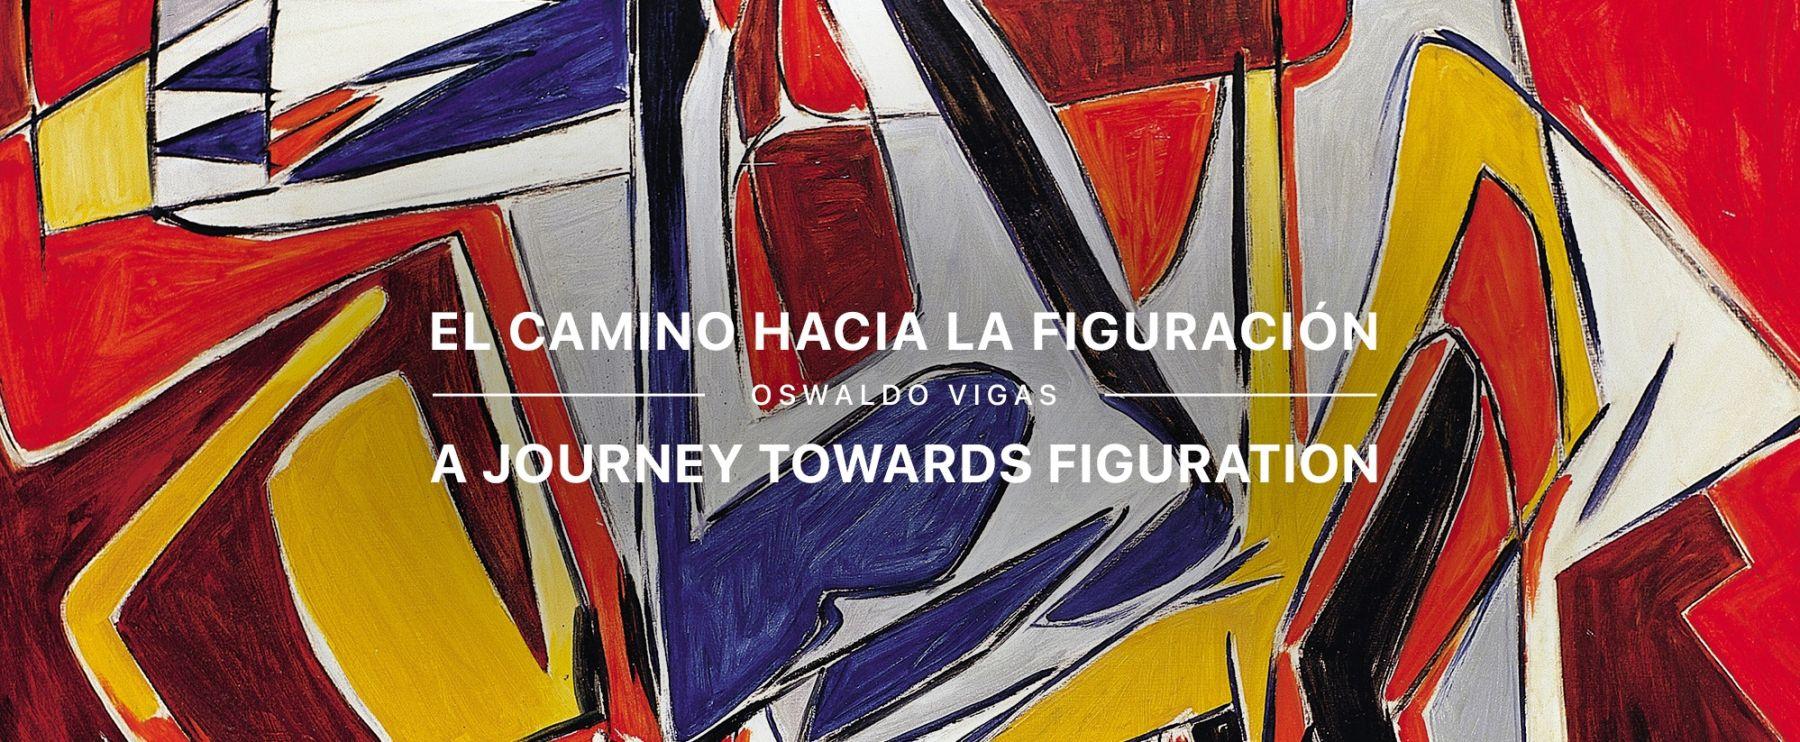 Oswaldo Vigas. El camino hacia la figuración